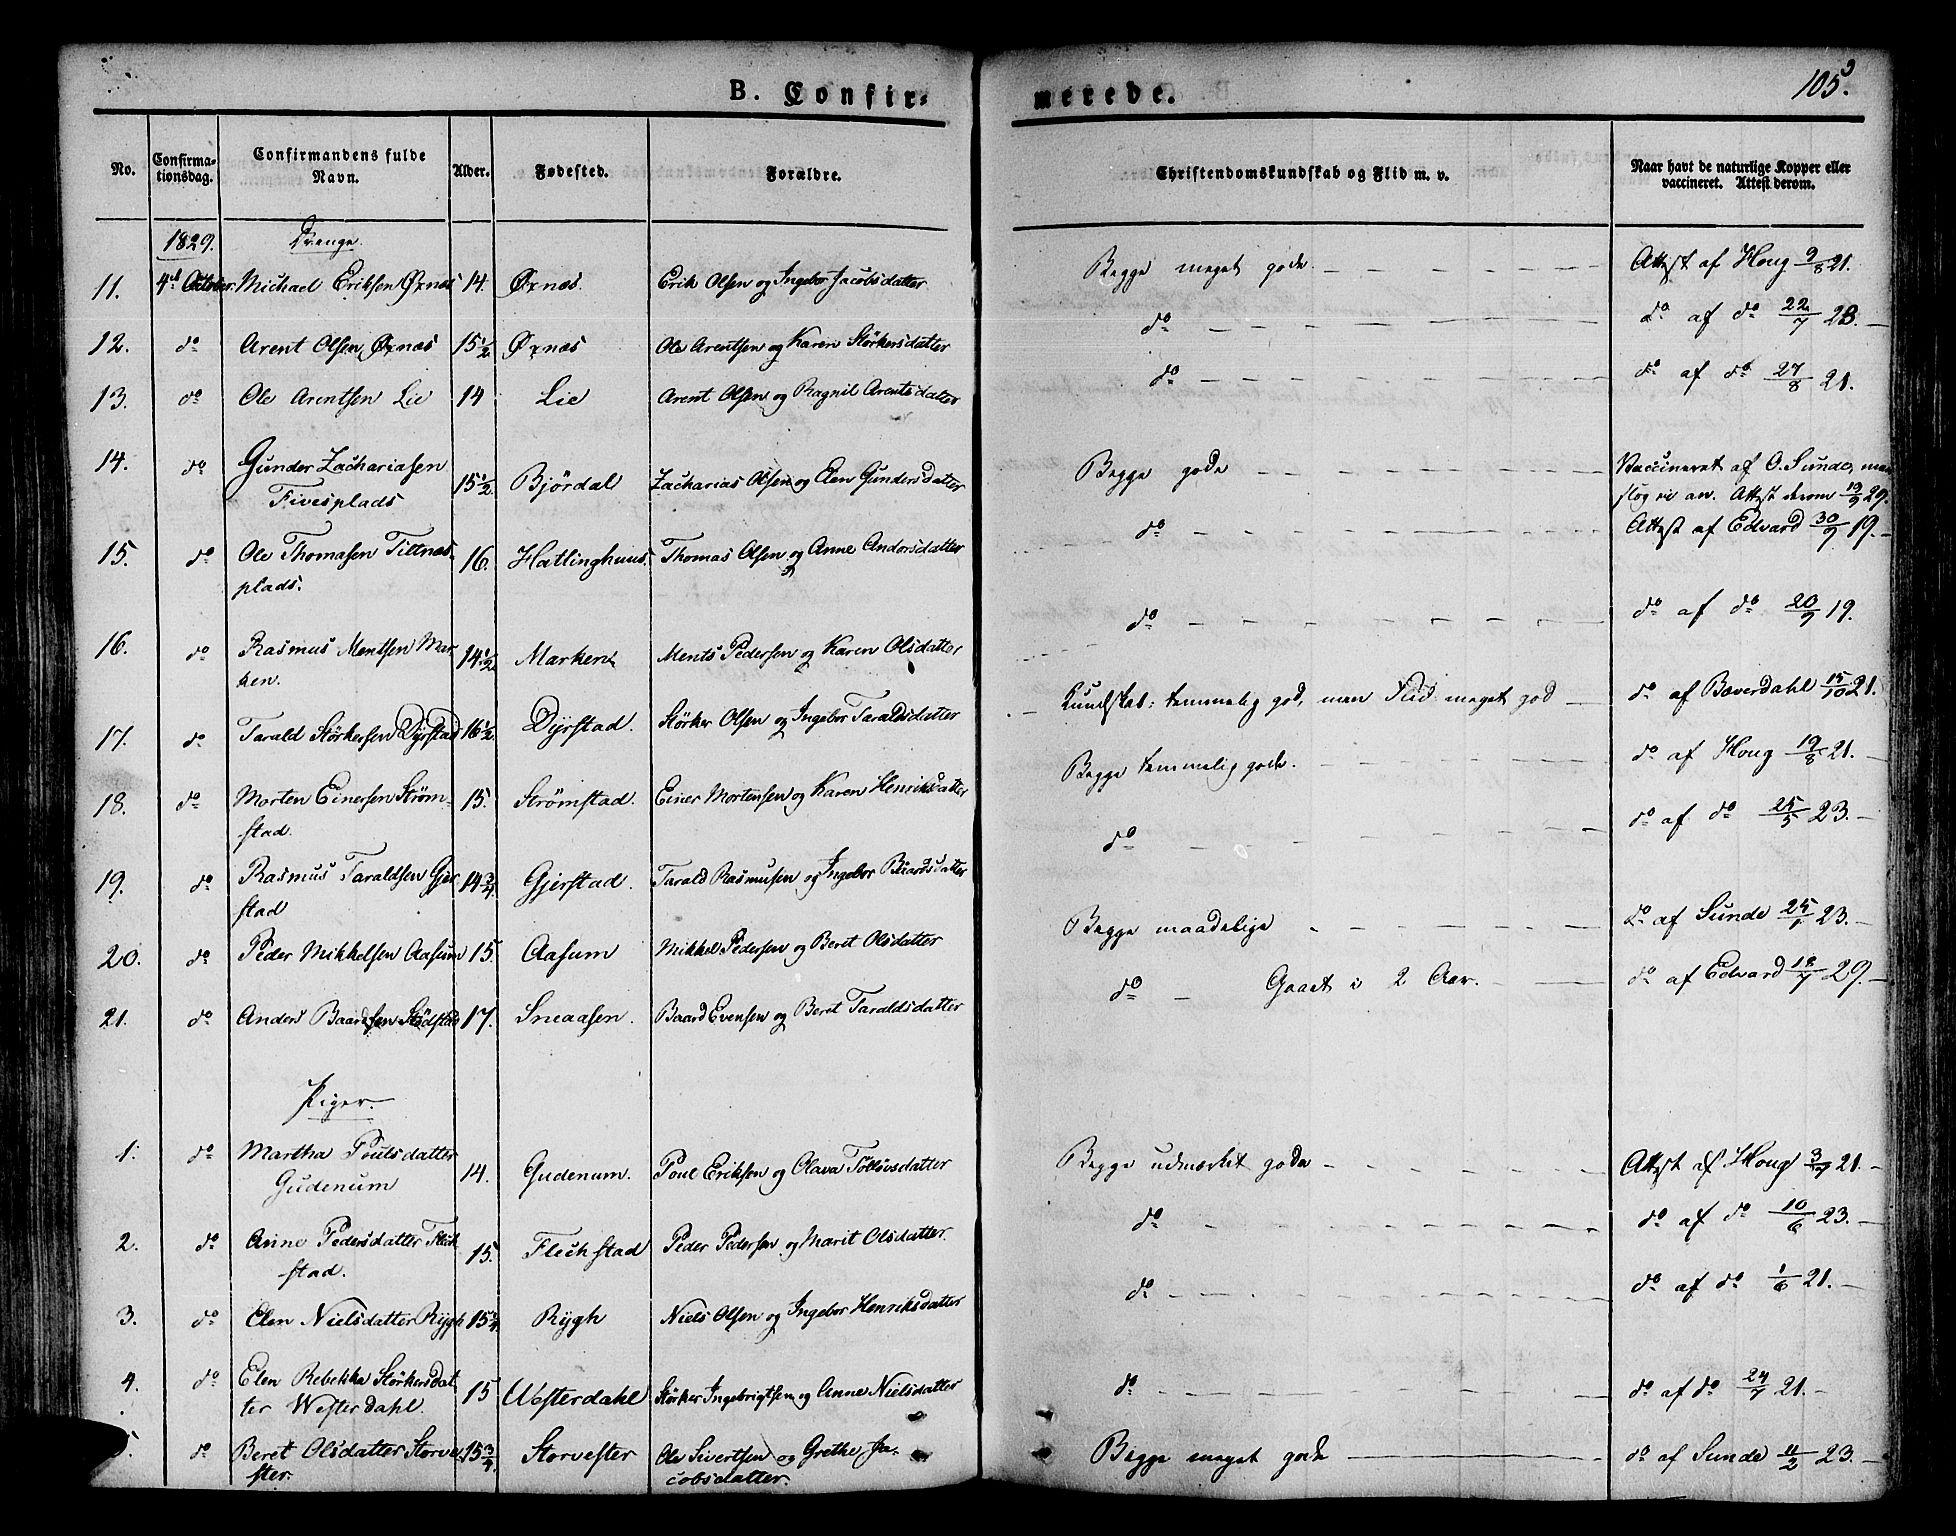 SAT, Ministerialprotokoller, klokkerbøker og fødselsregistre - Nord-Trøndelag, 746/L0445: Ministerialbok nr. 746A04, 1826-1846, s. 105